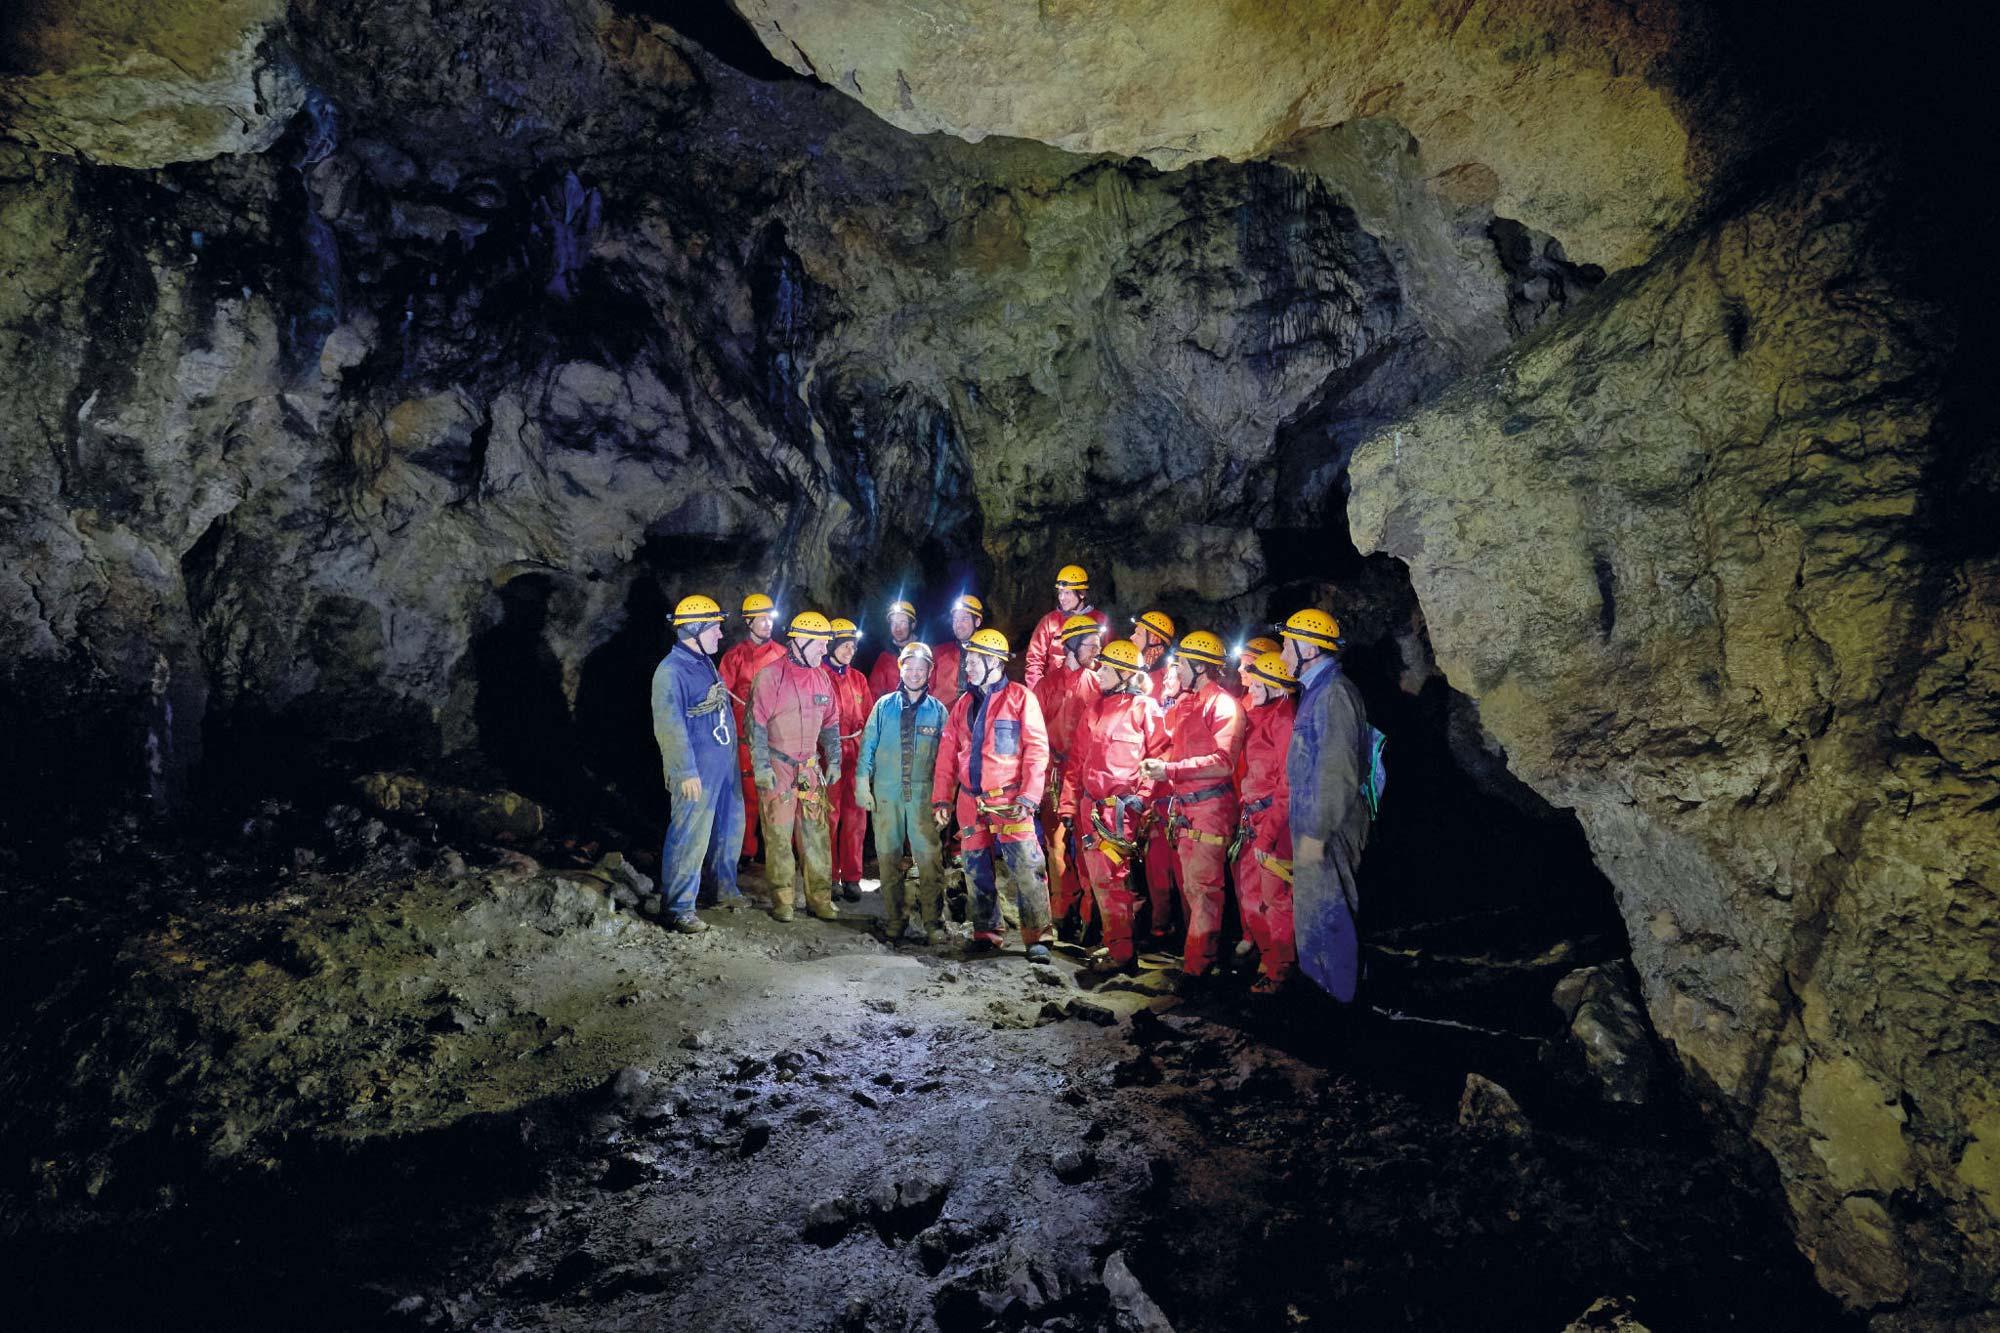 Einblick in die Höhle ohne Namen © Brey Photography